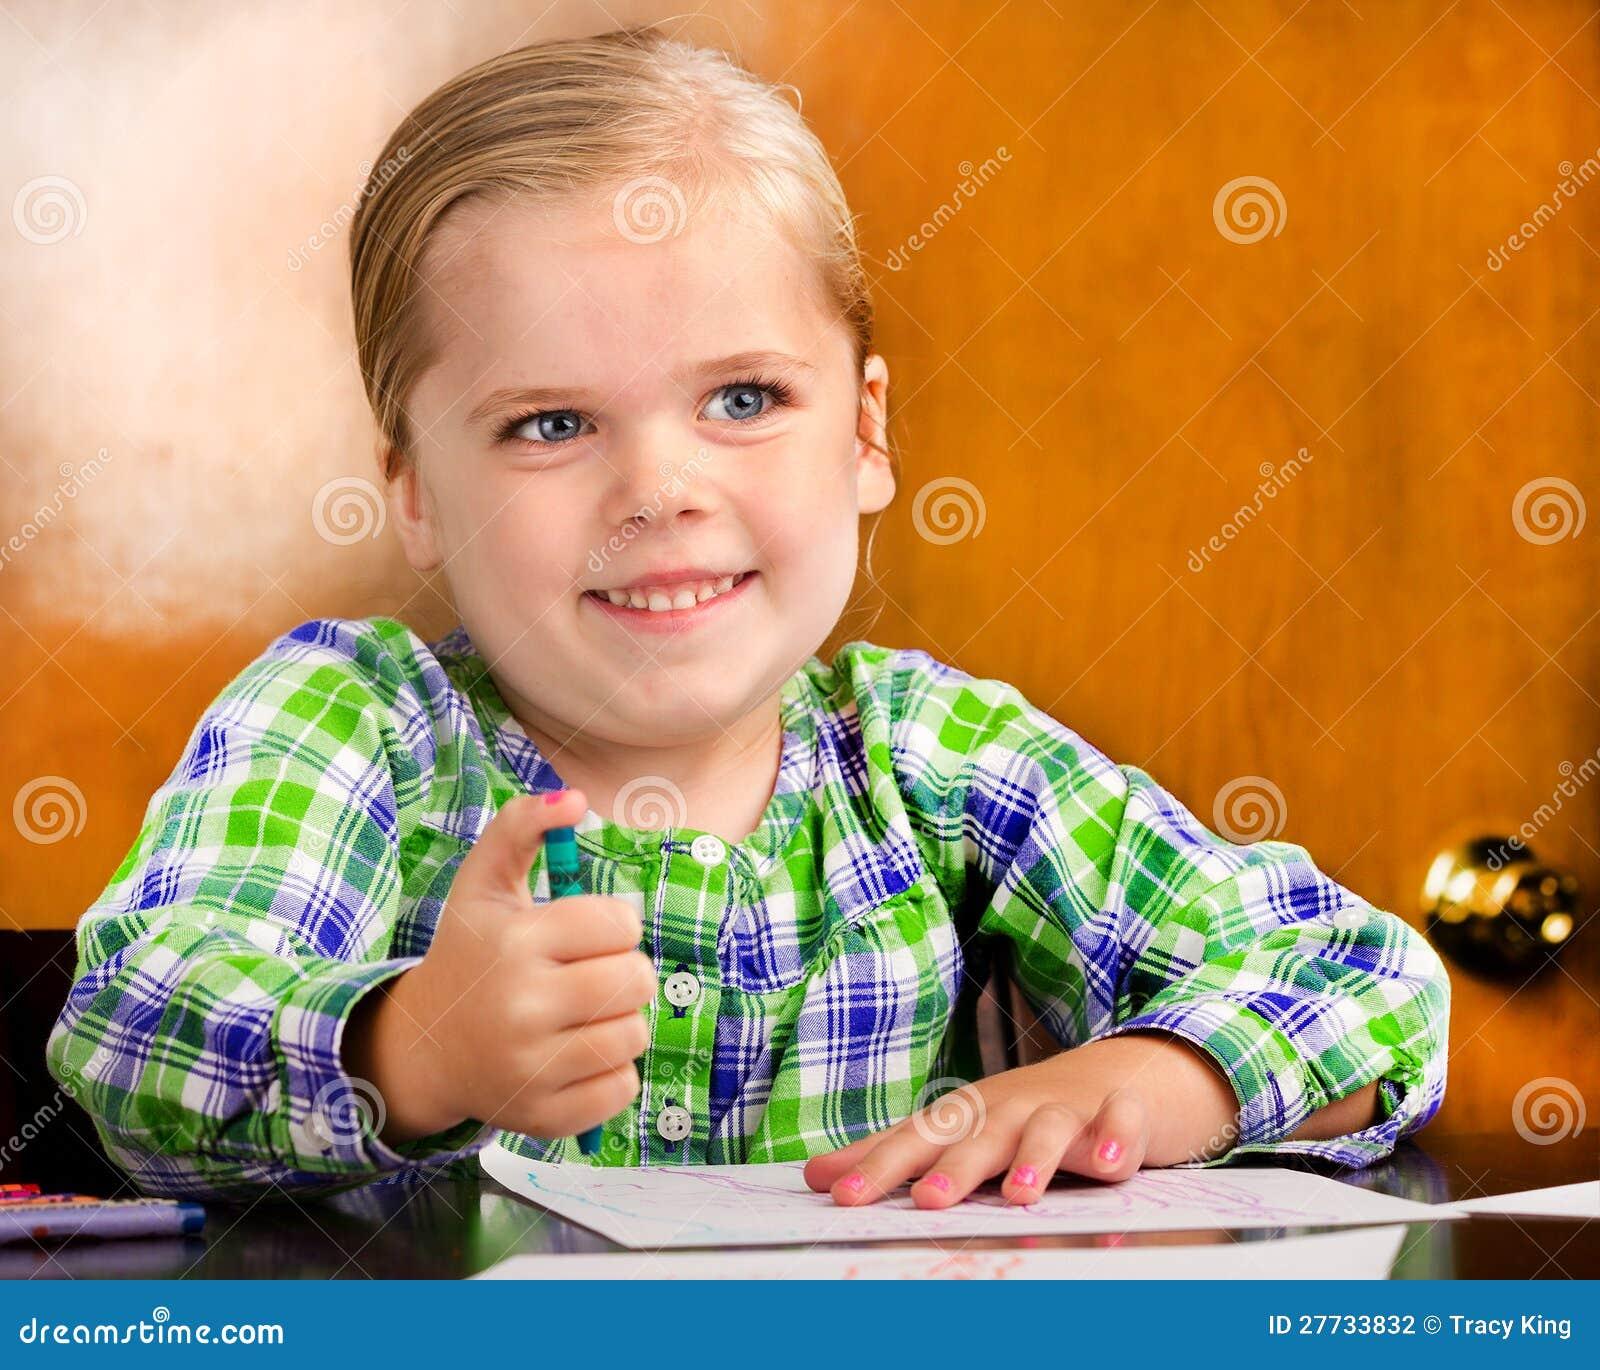 Lächelndes junges Mädchen, das eine Zeichnung tut.